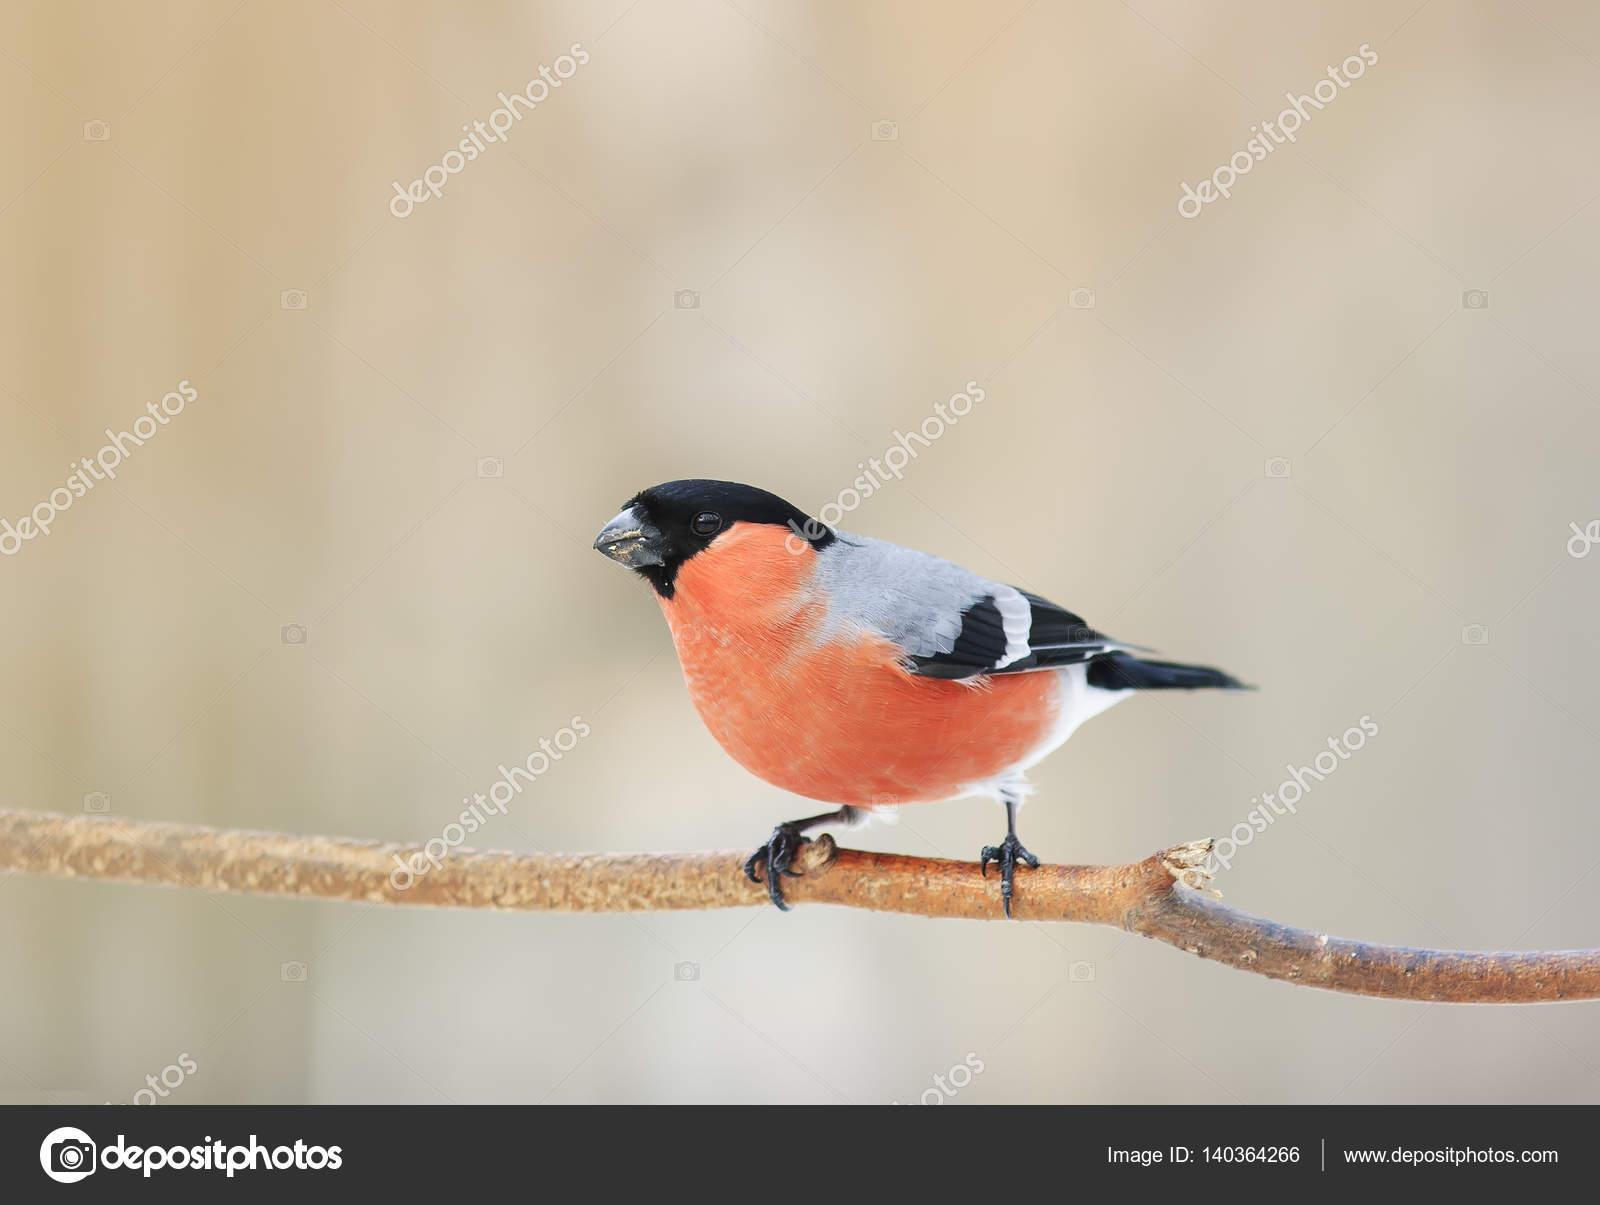 Ptak Gil Z Czerwoną Piersią Siedzi W Lesie Na Oddział Zdjęcie